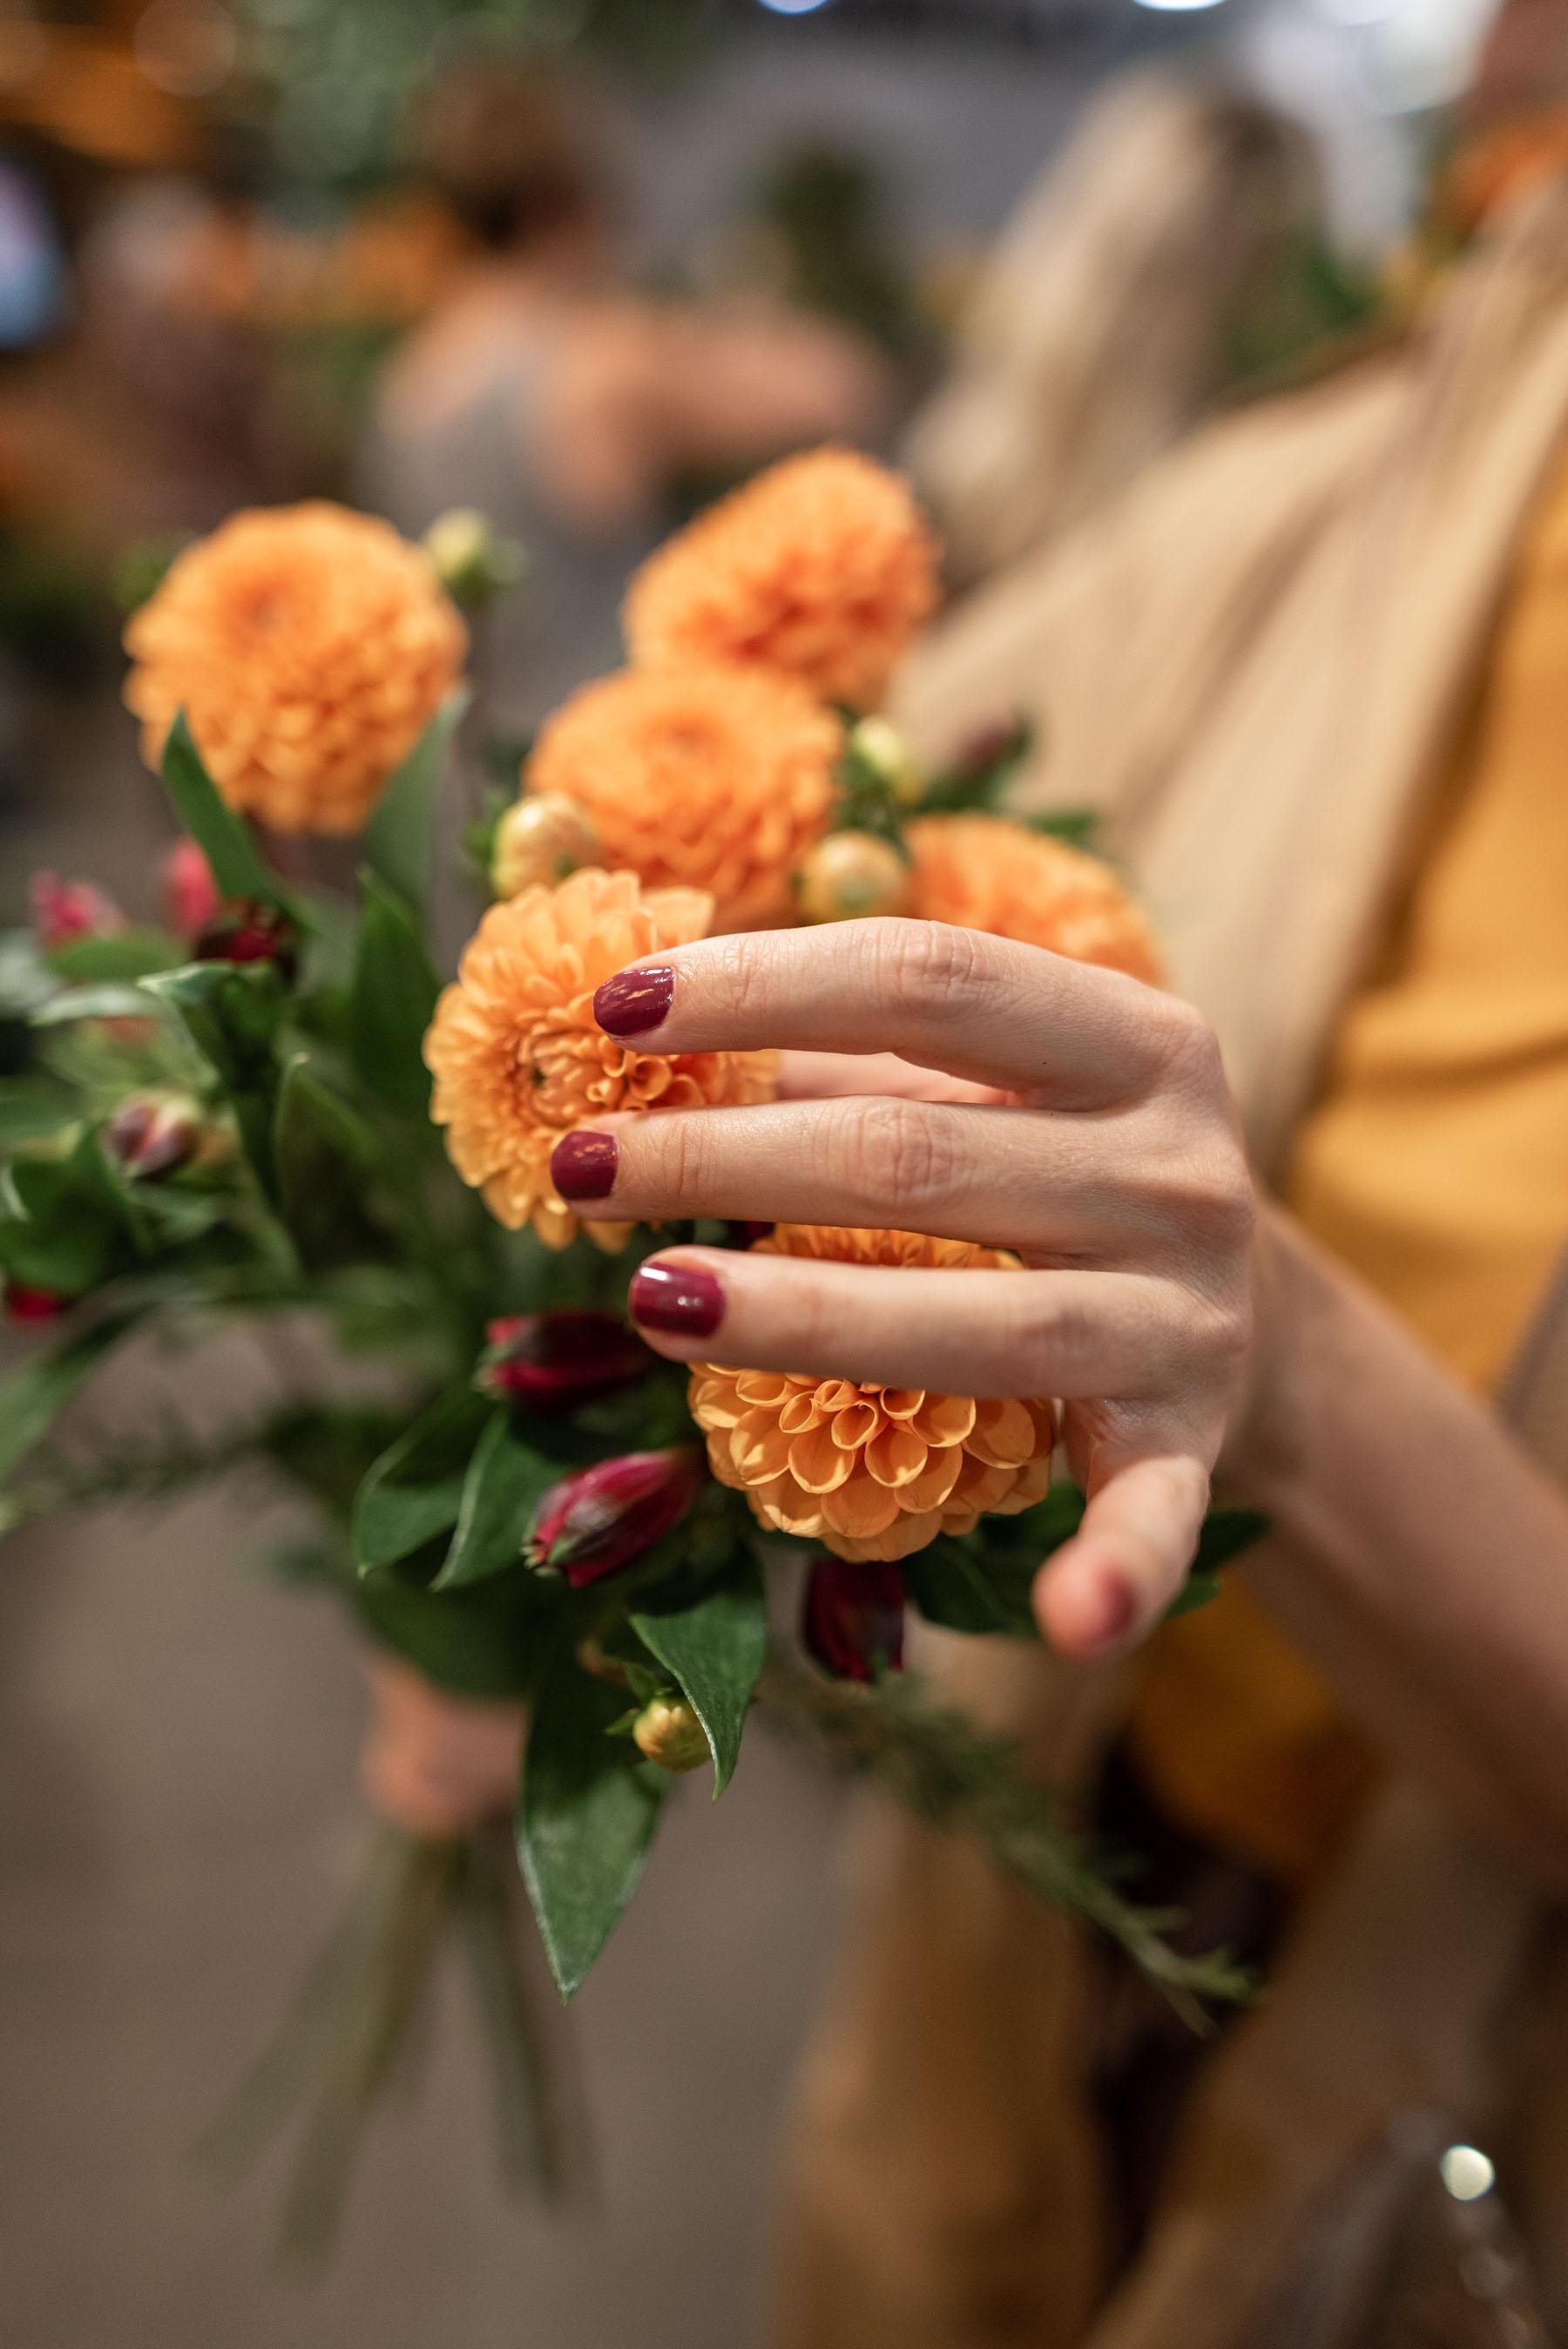 cvetlicno druzenje gardenia roze nika veger beautyfull blog